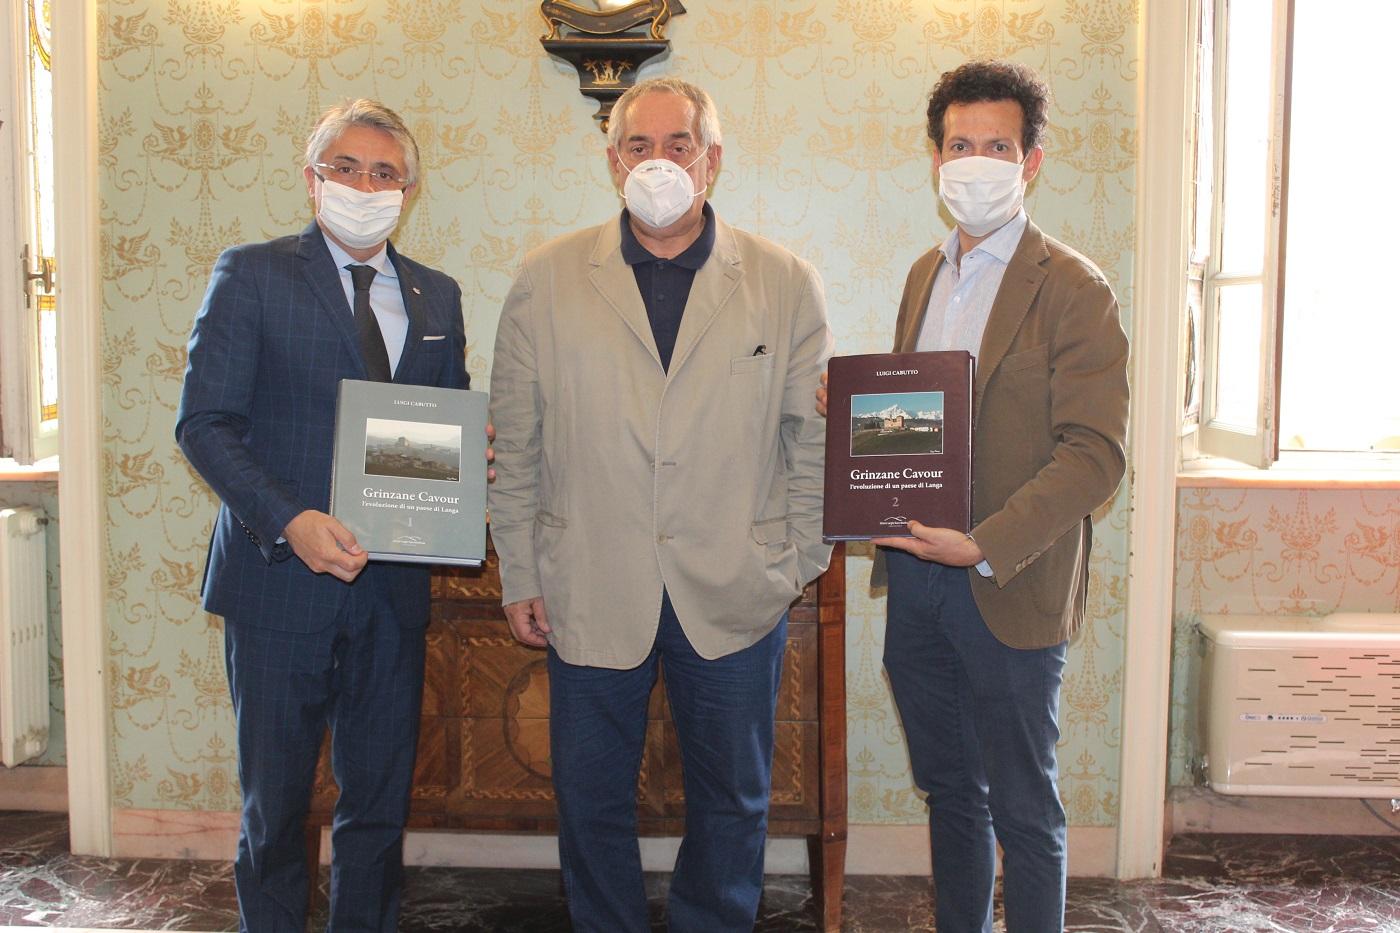 Alba: presentata al sindaco l'opera in due volumi del professor Luigi Cabutto dedicata a Grinzane Cavour